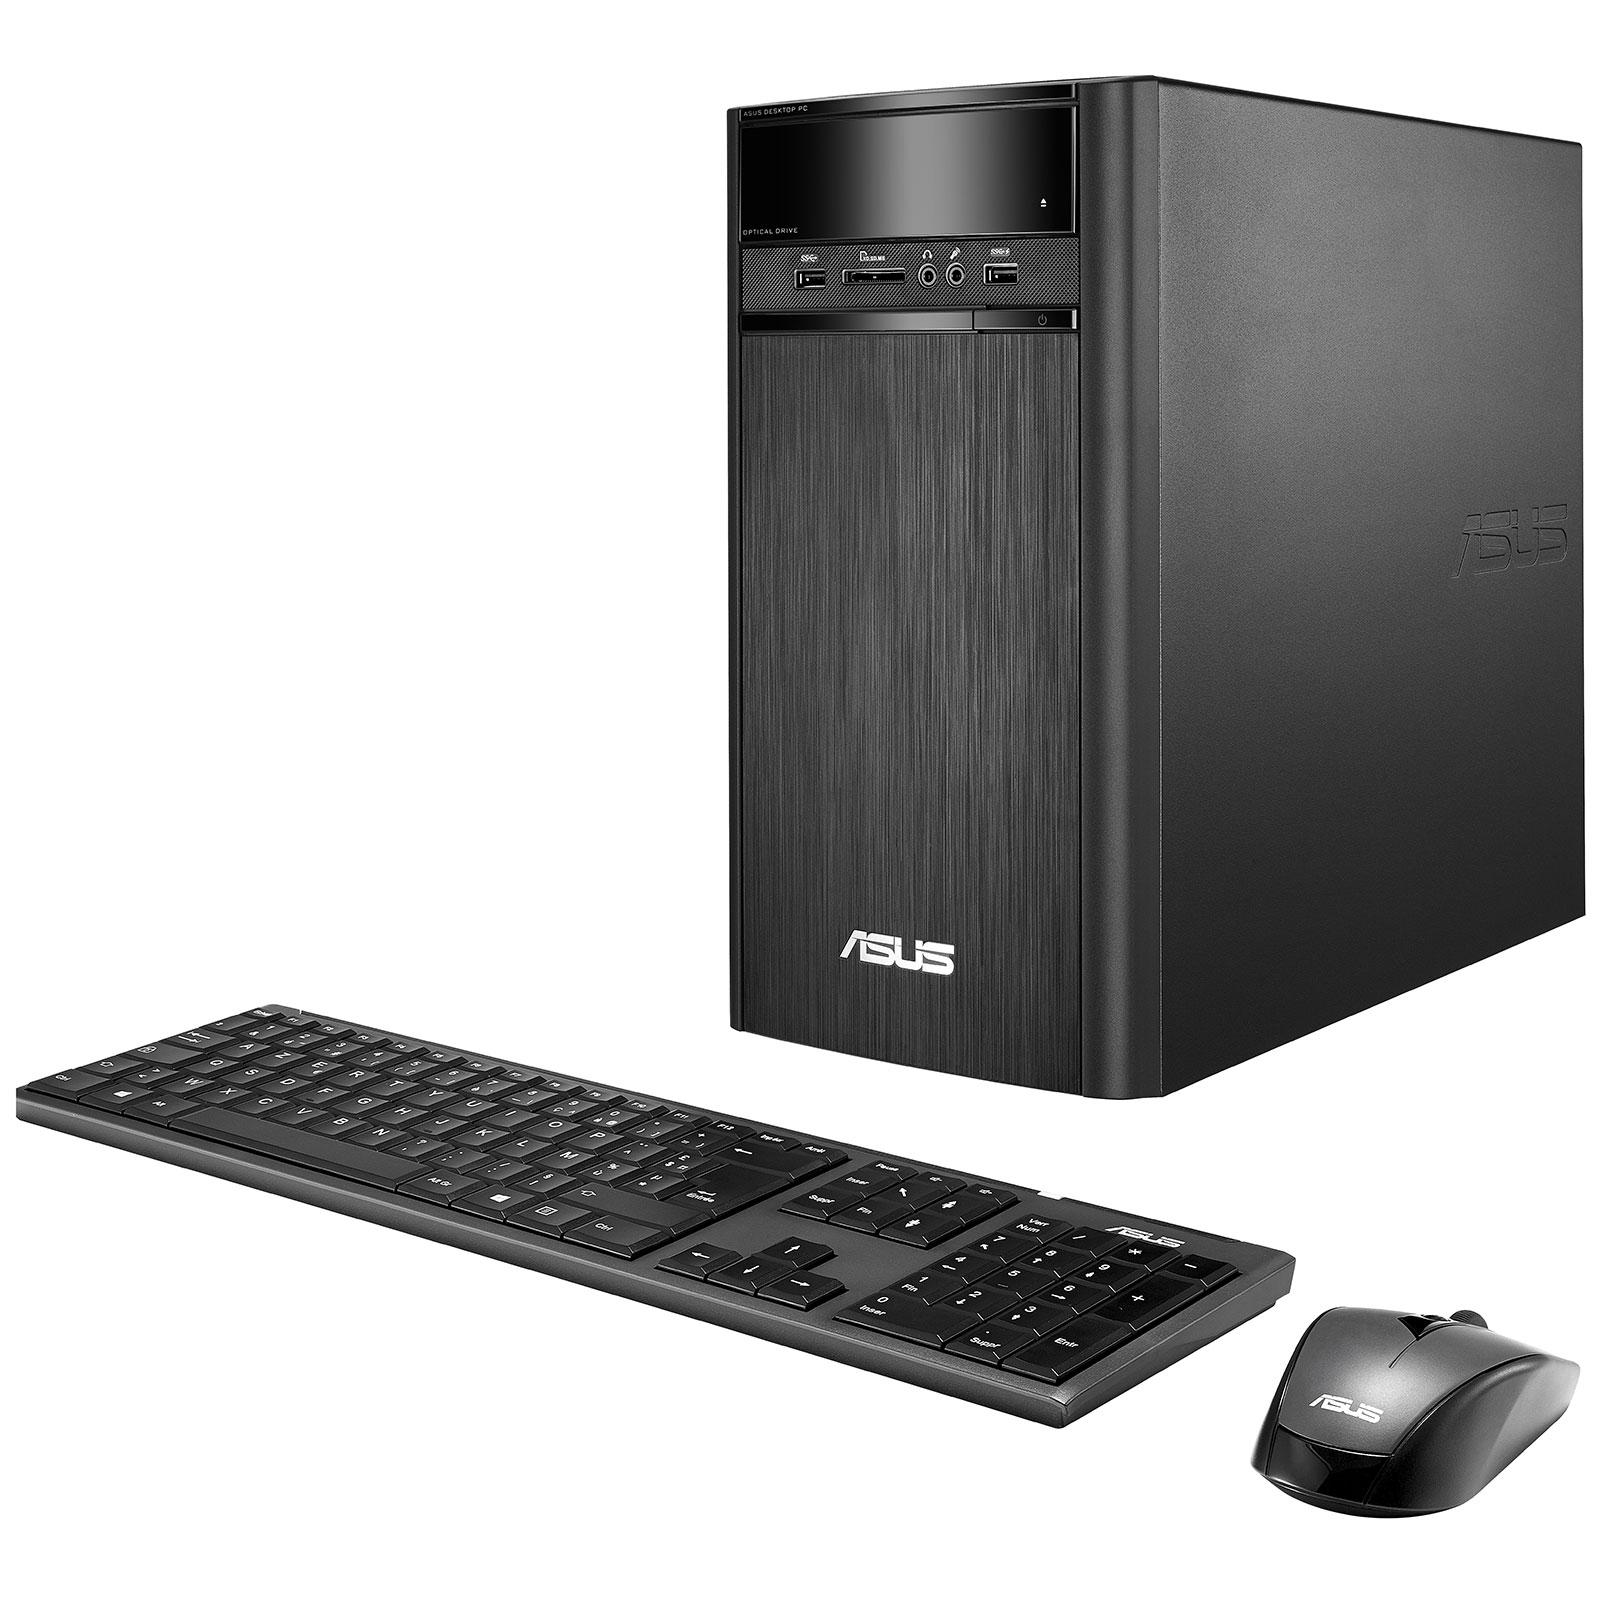 PC de bureau ASUS Tour achat vente PC de bureau sur LDLC